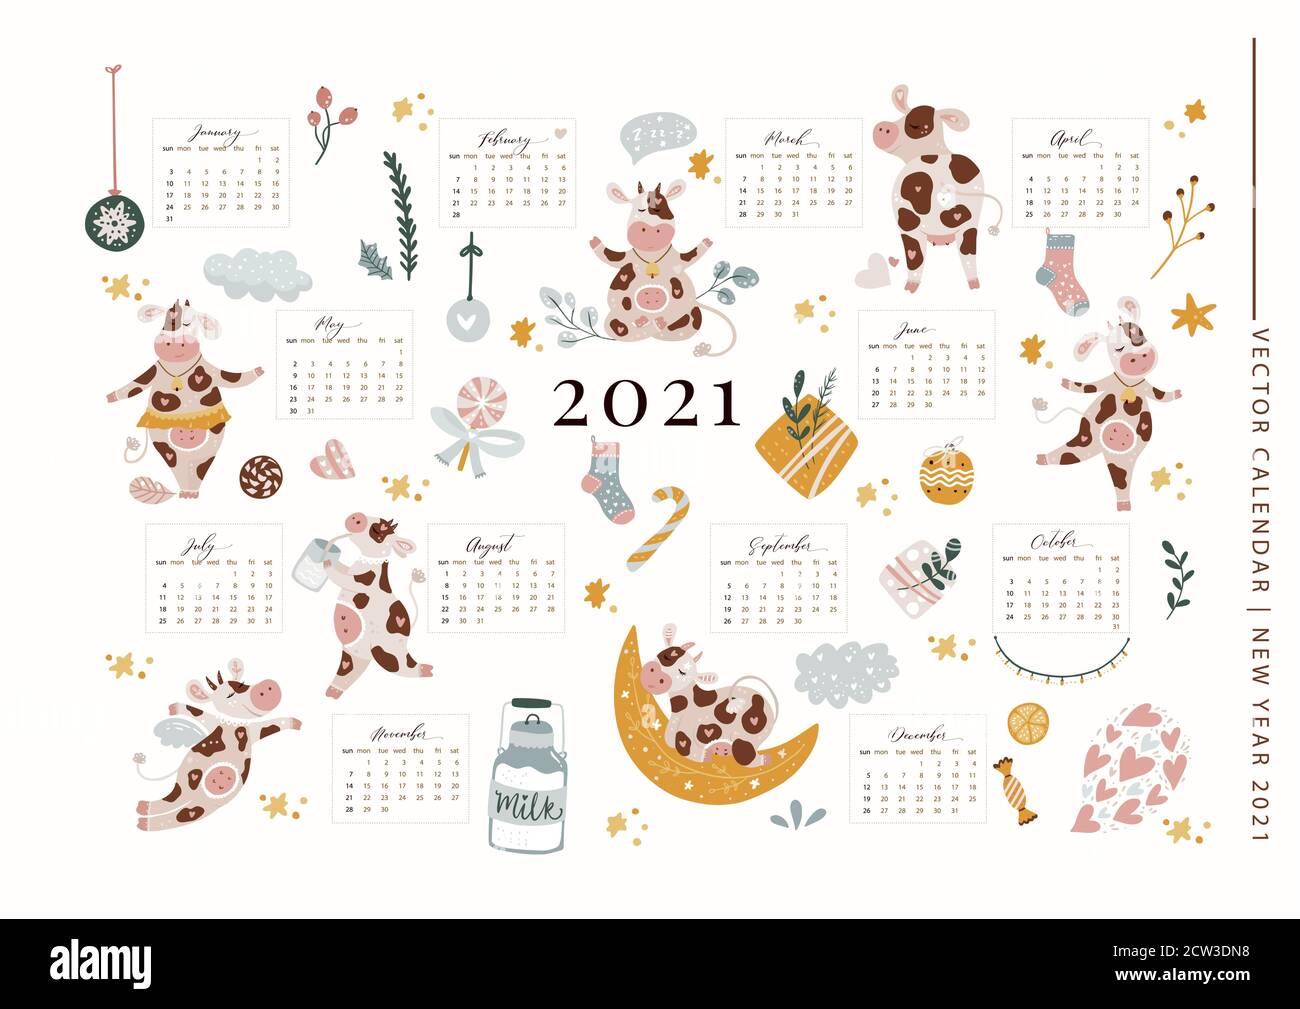 Natale 2021 Calendario.Natale Carino Cartoon Mucca Vettore 2021 Calendario Modello Illustrazione Con Disegni A Mano Animali E Decorazioni Poster Del Saluto Del Nuovo Anno 2021 Decorato Per I Formati A3 A4 A5 Immagine E